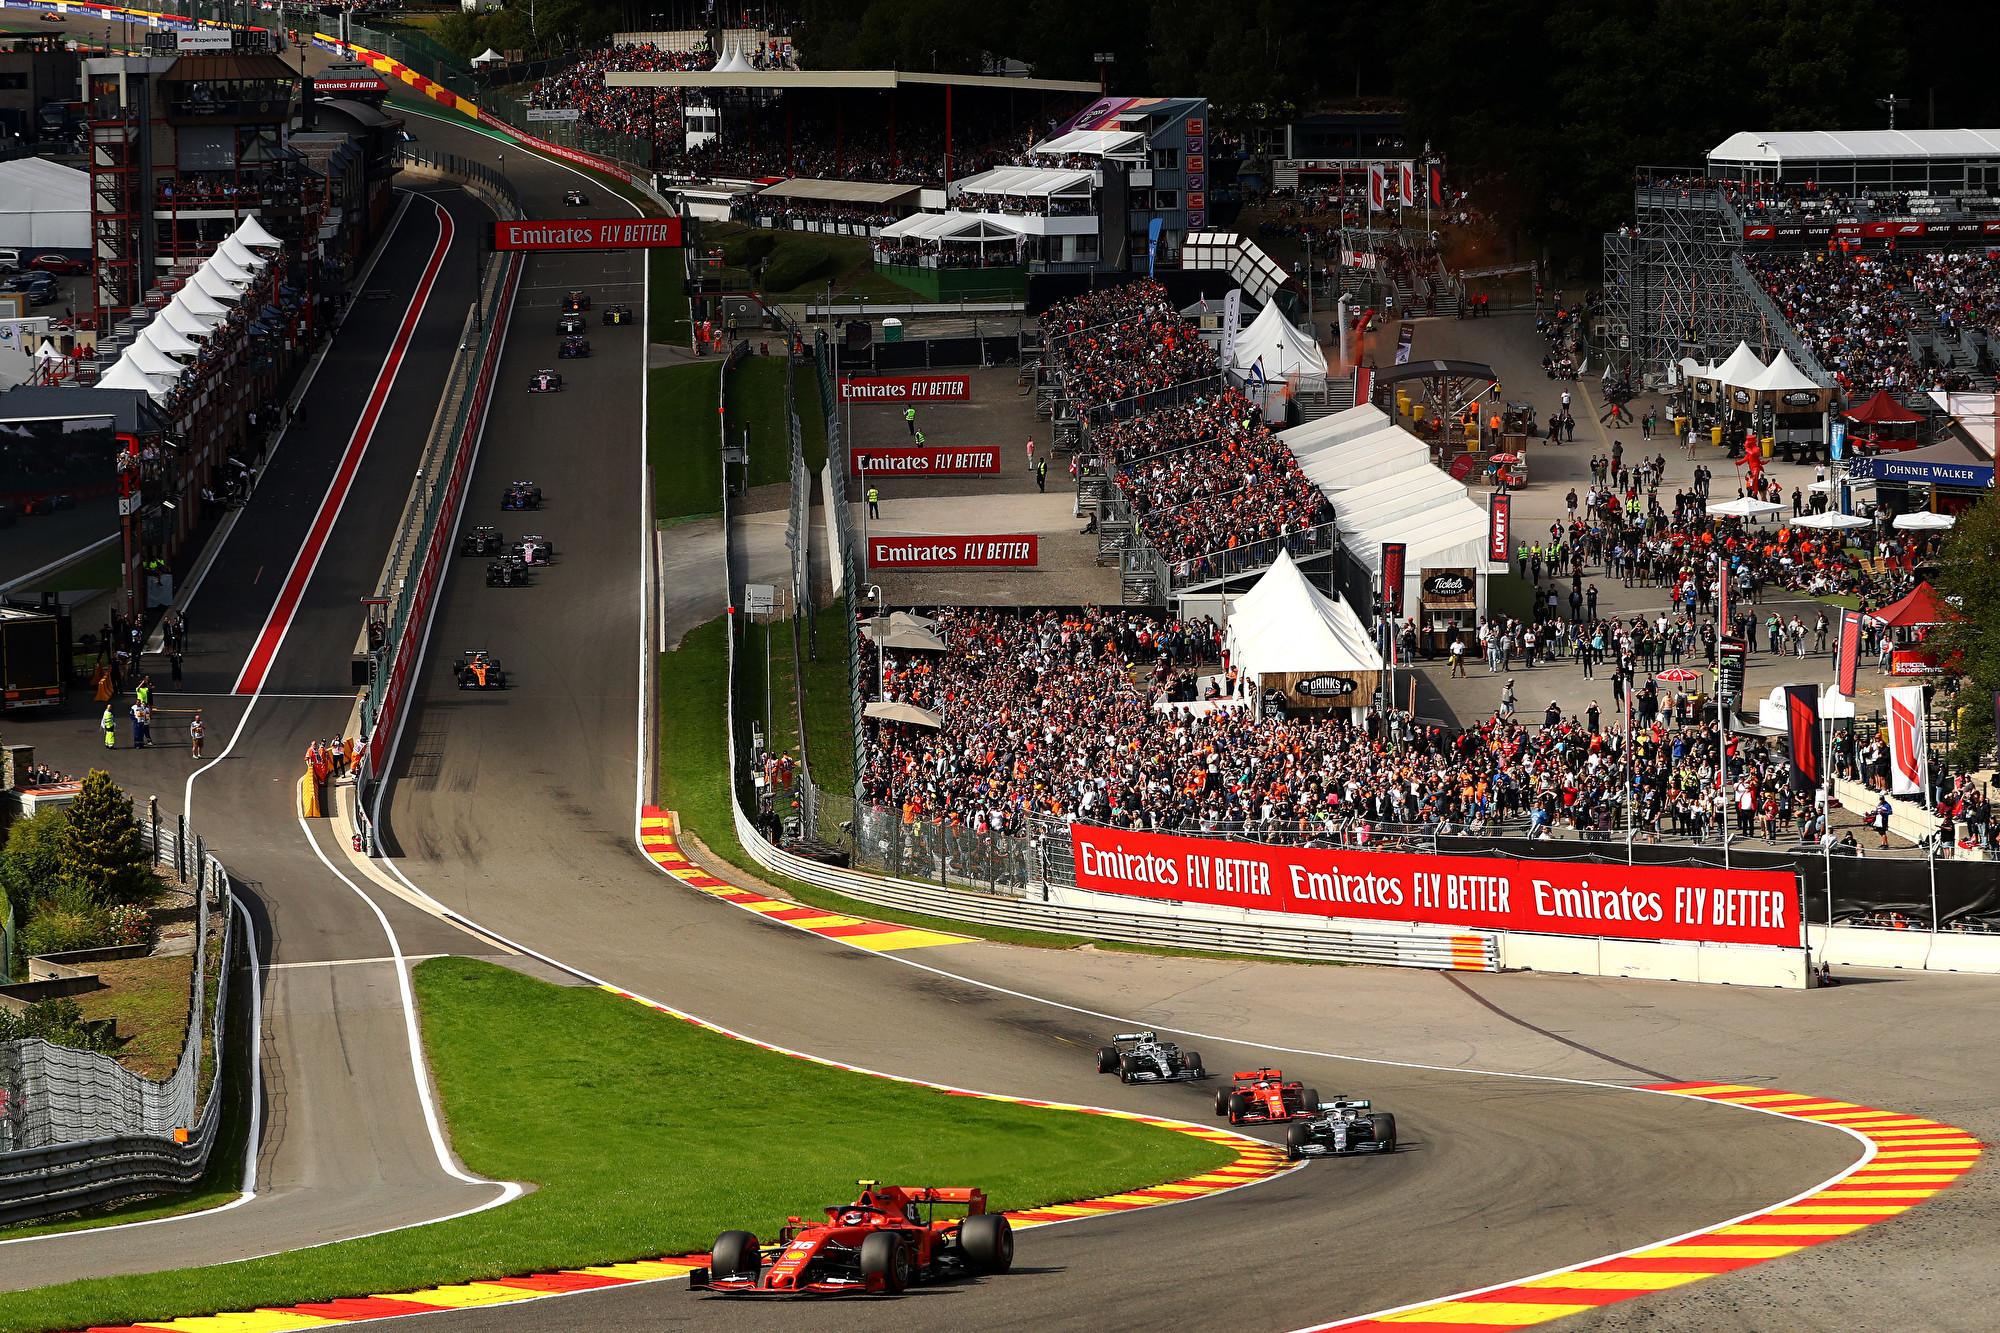 F1比利时站:法拉利获突破 勒克莱尔夺首冠